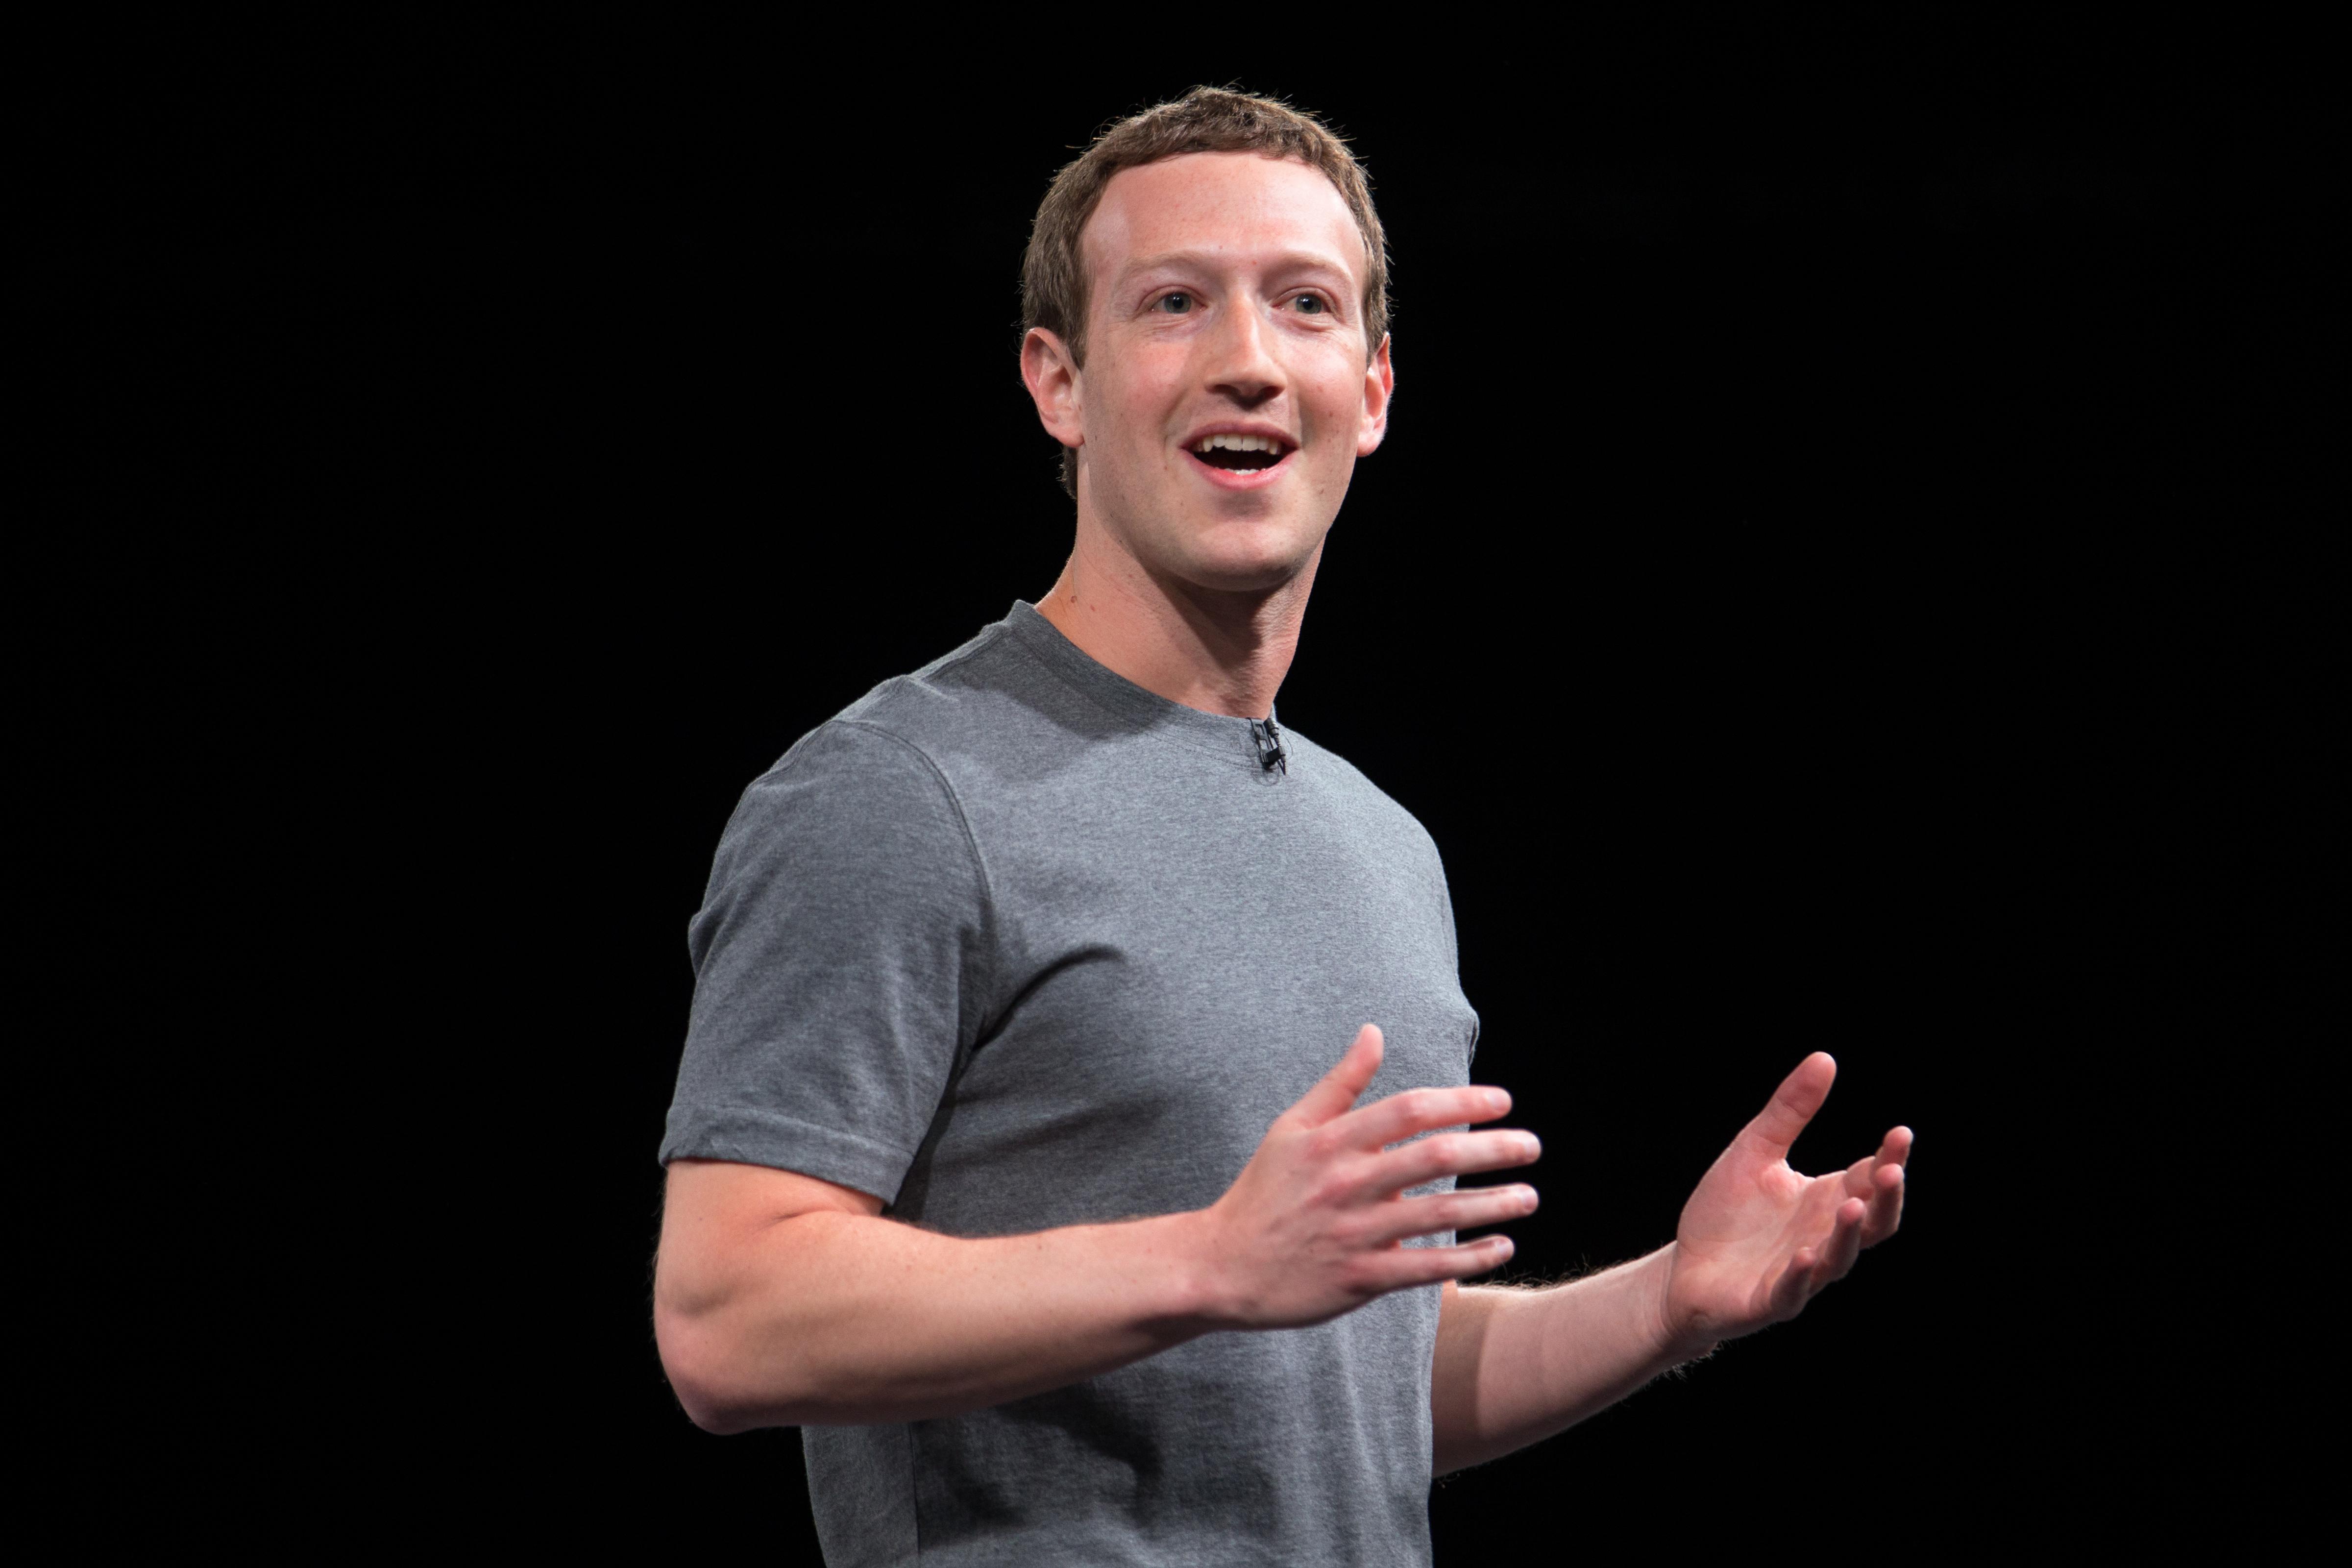 Facebook CEO Mark Zuckerberg at Mobile World Congress 2016.